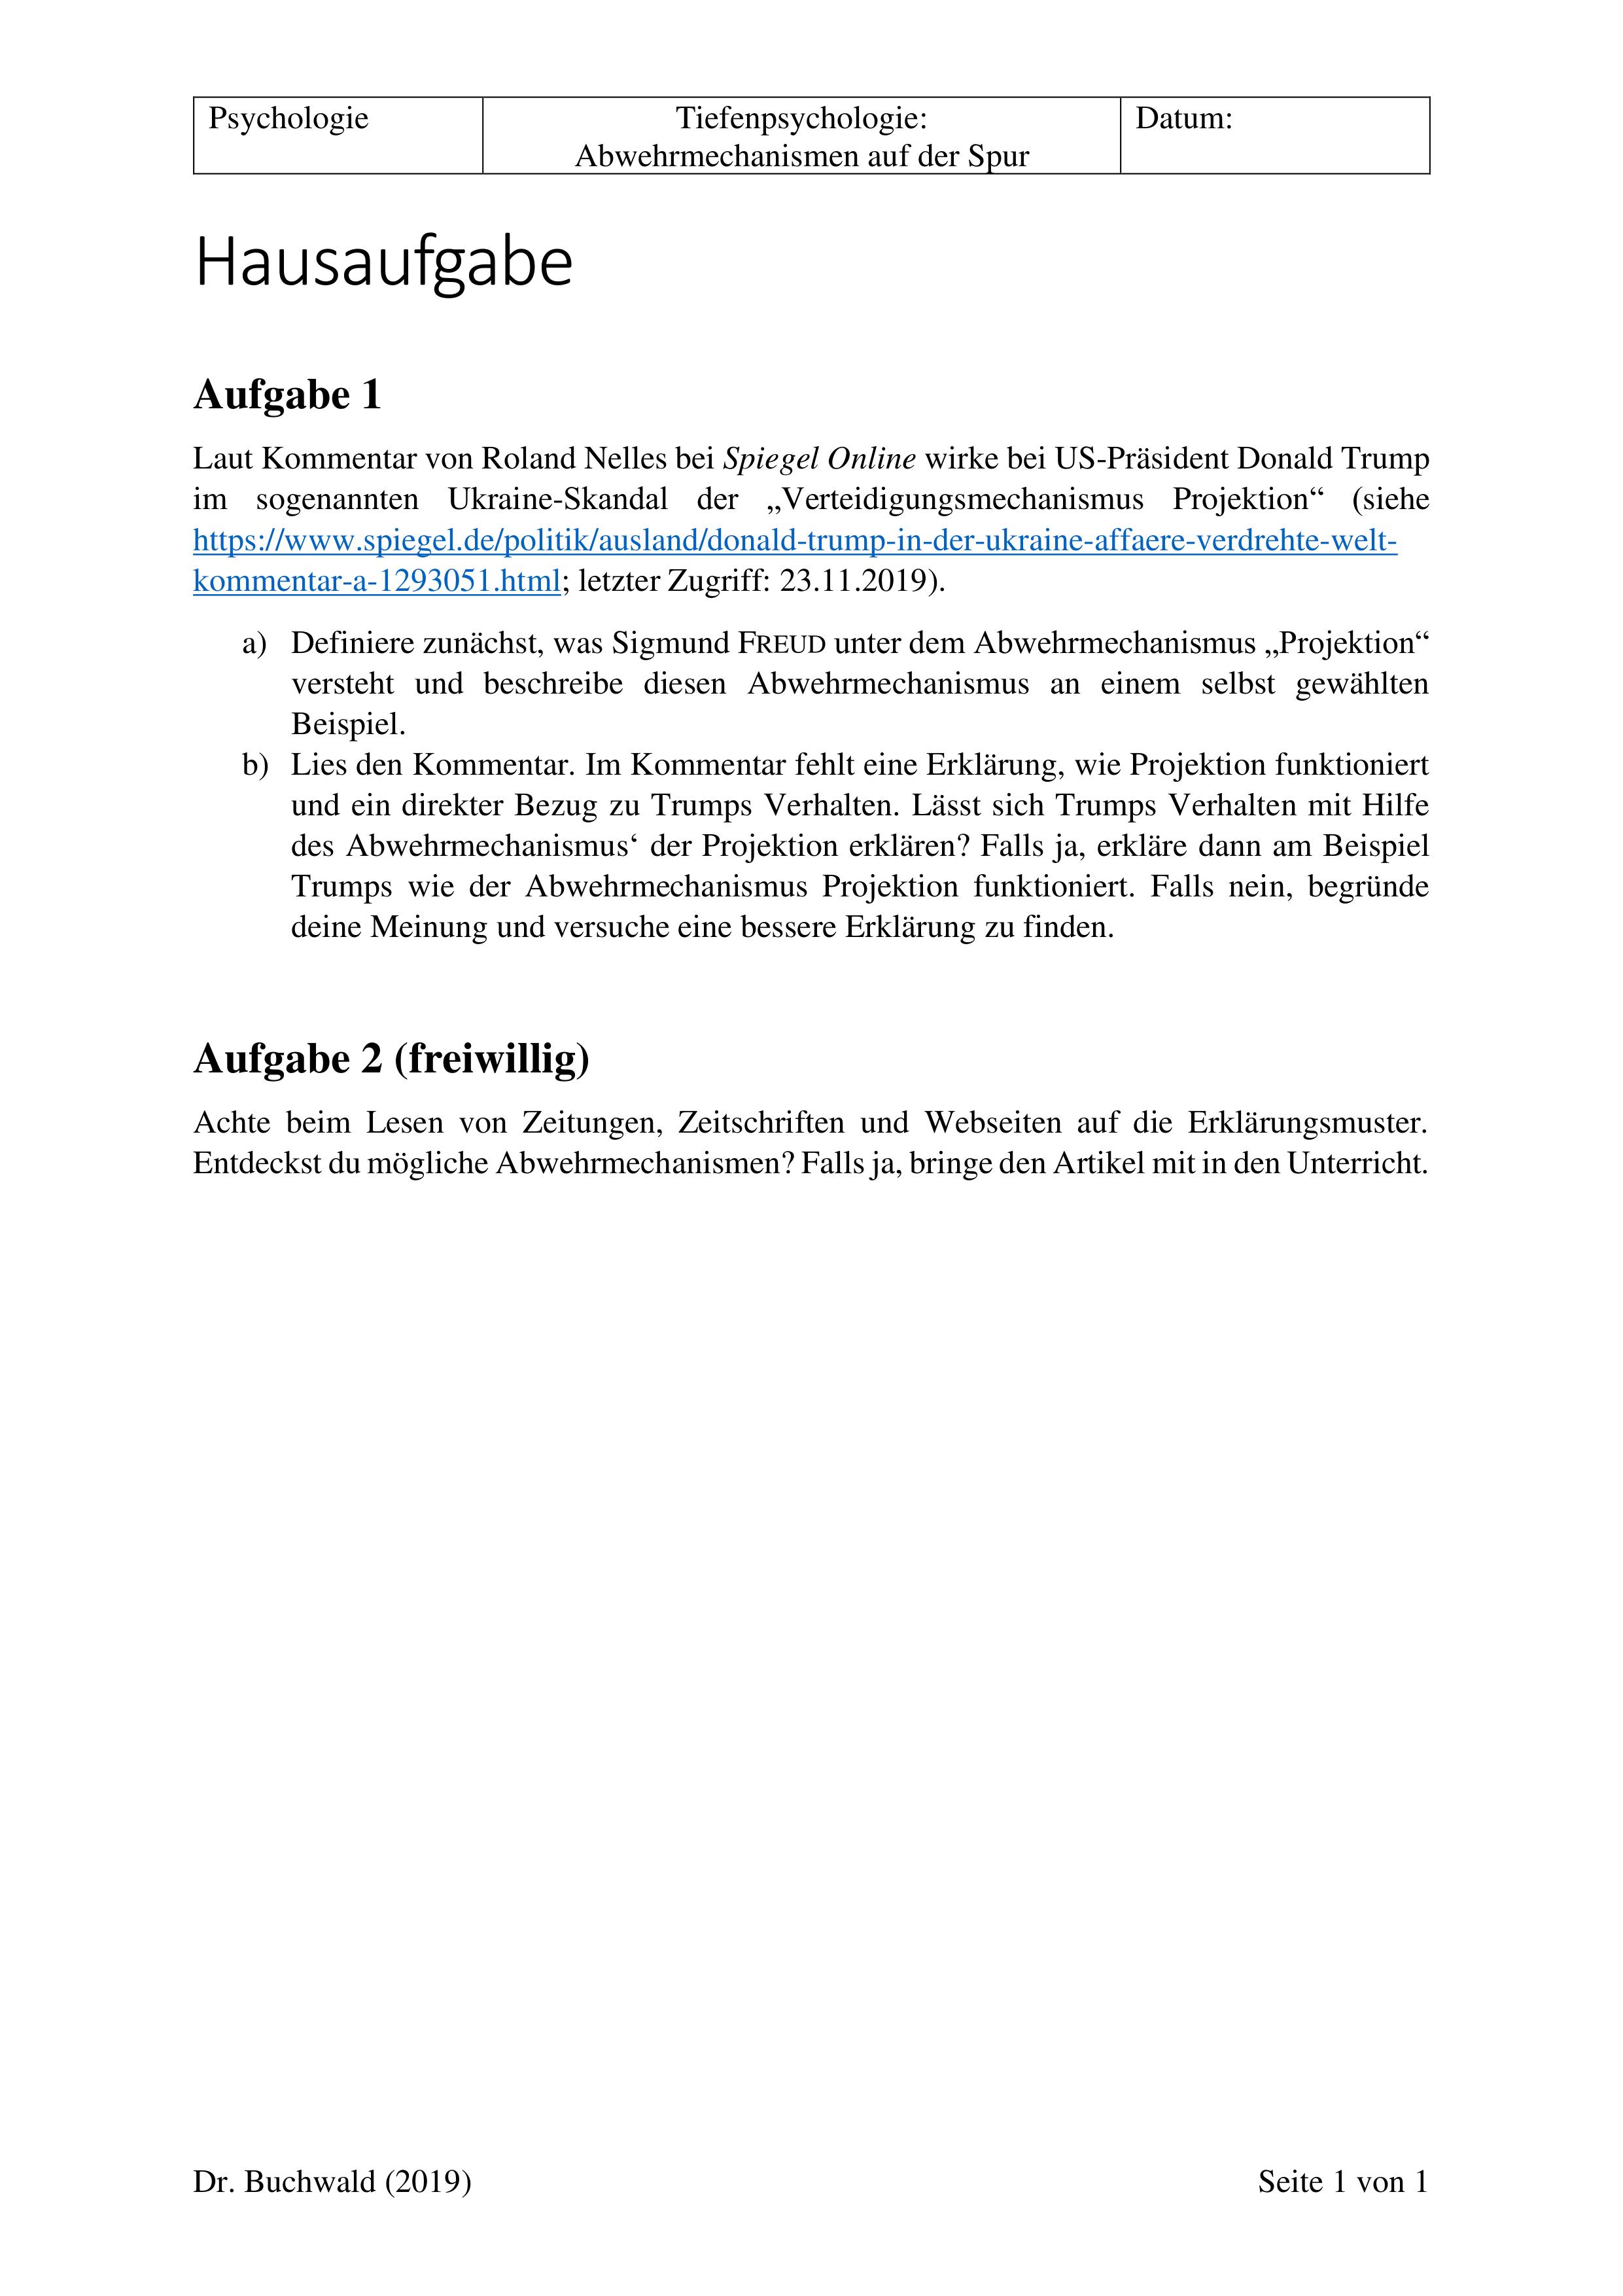 Abwehrmechanismus Projektion Trump Hausaufgabe Psychologie Unterrichtsmaterial Im Fach Psychologie Hausaufgaben Psychologie Unterrichtsmaterial